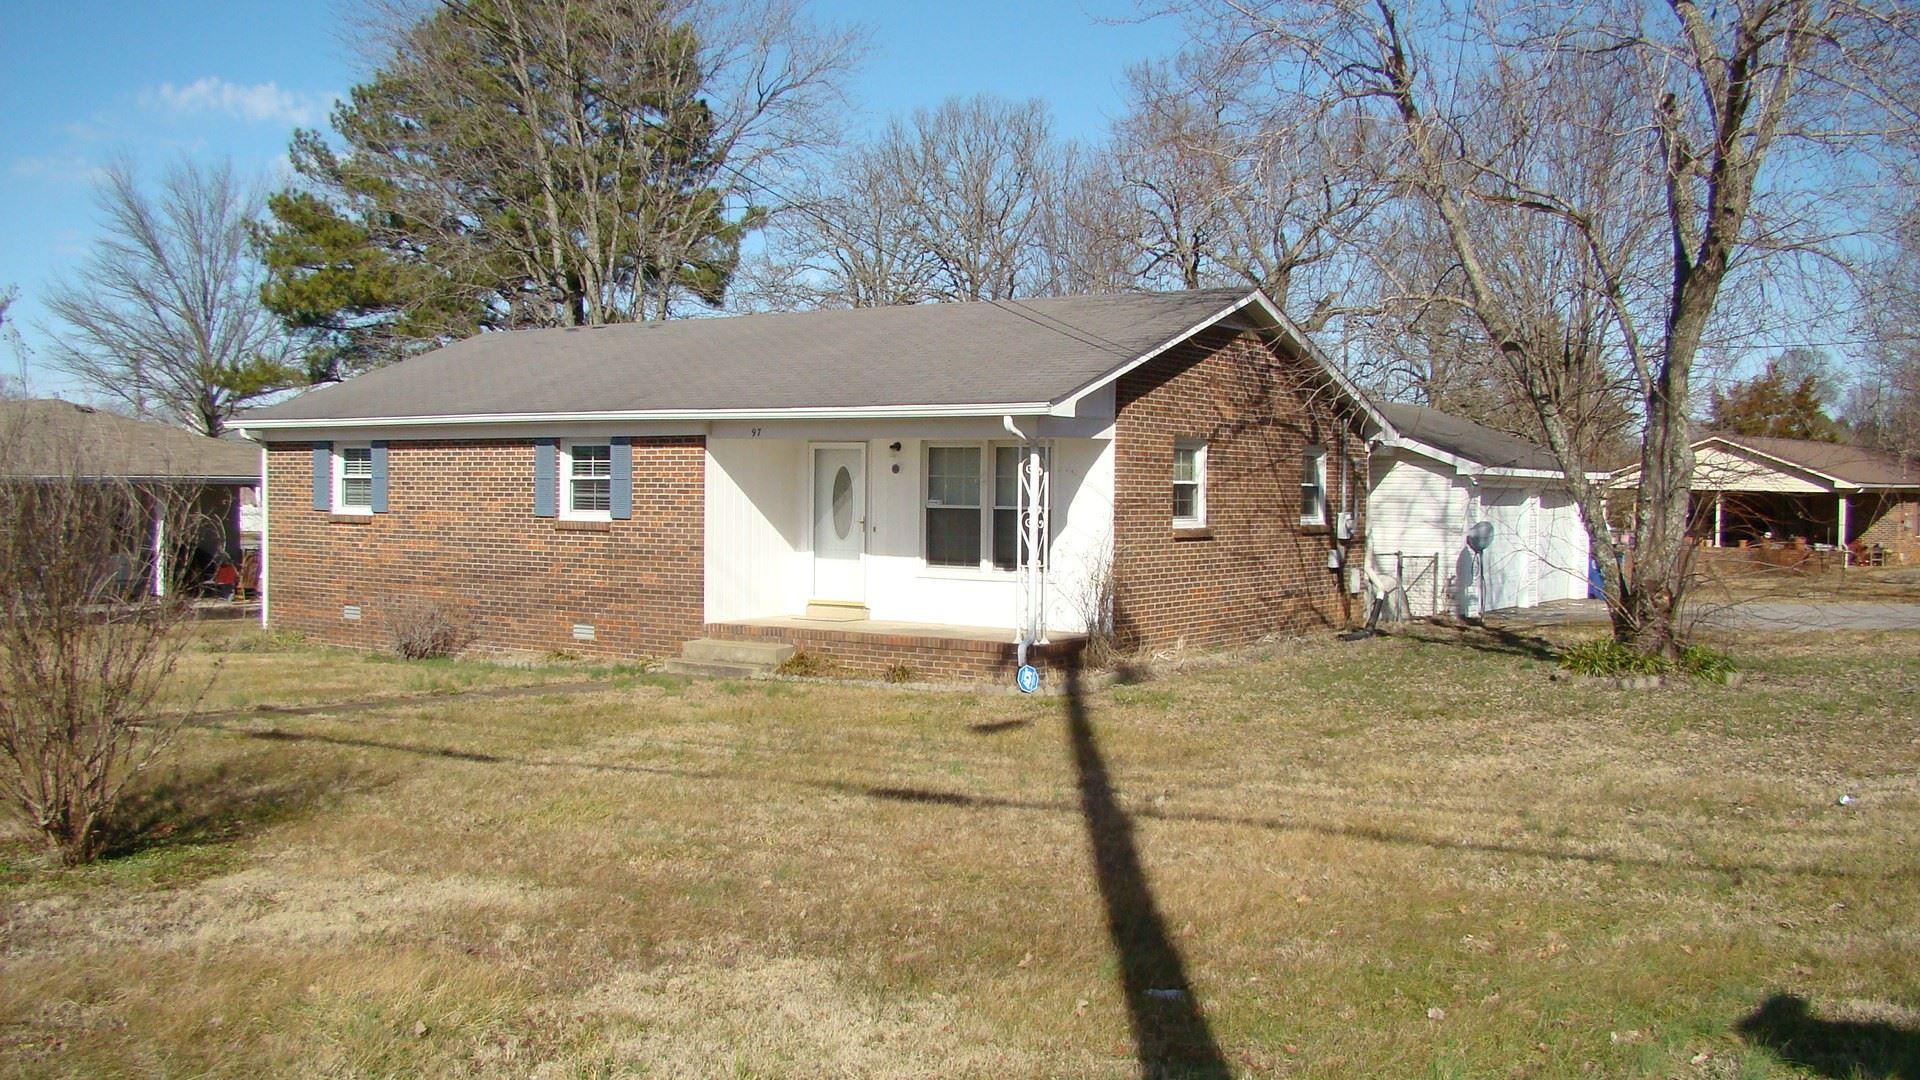 97 Blue Ribbon Pkwy, Shelbyville, TN 37160 - MLS#: 2223517